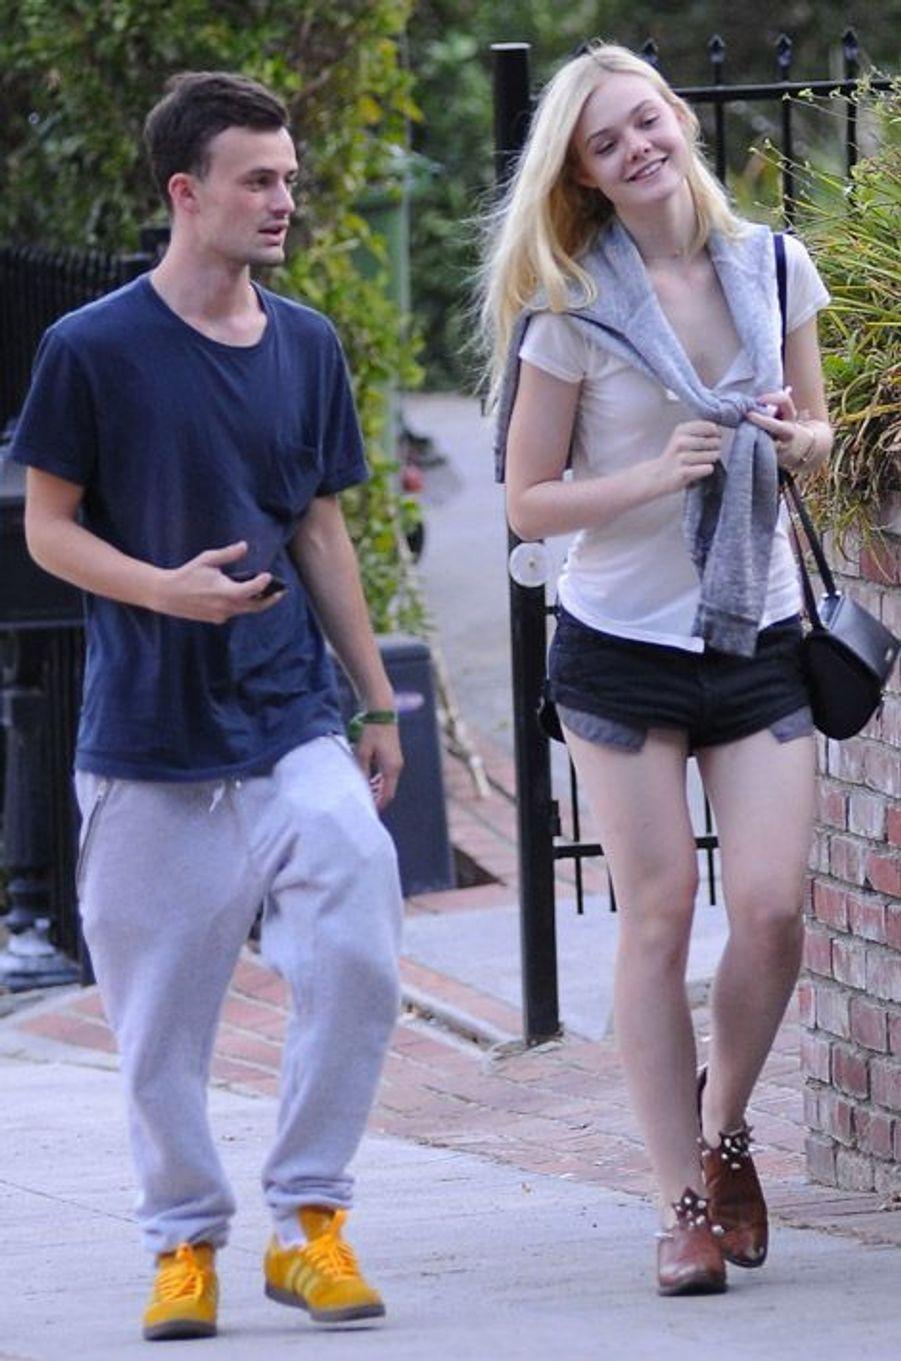 La jeune actrice Elle Fanning en compagnie de son petit-ami à Los Feliz, en Californie, le 30 août 2014